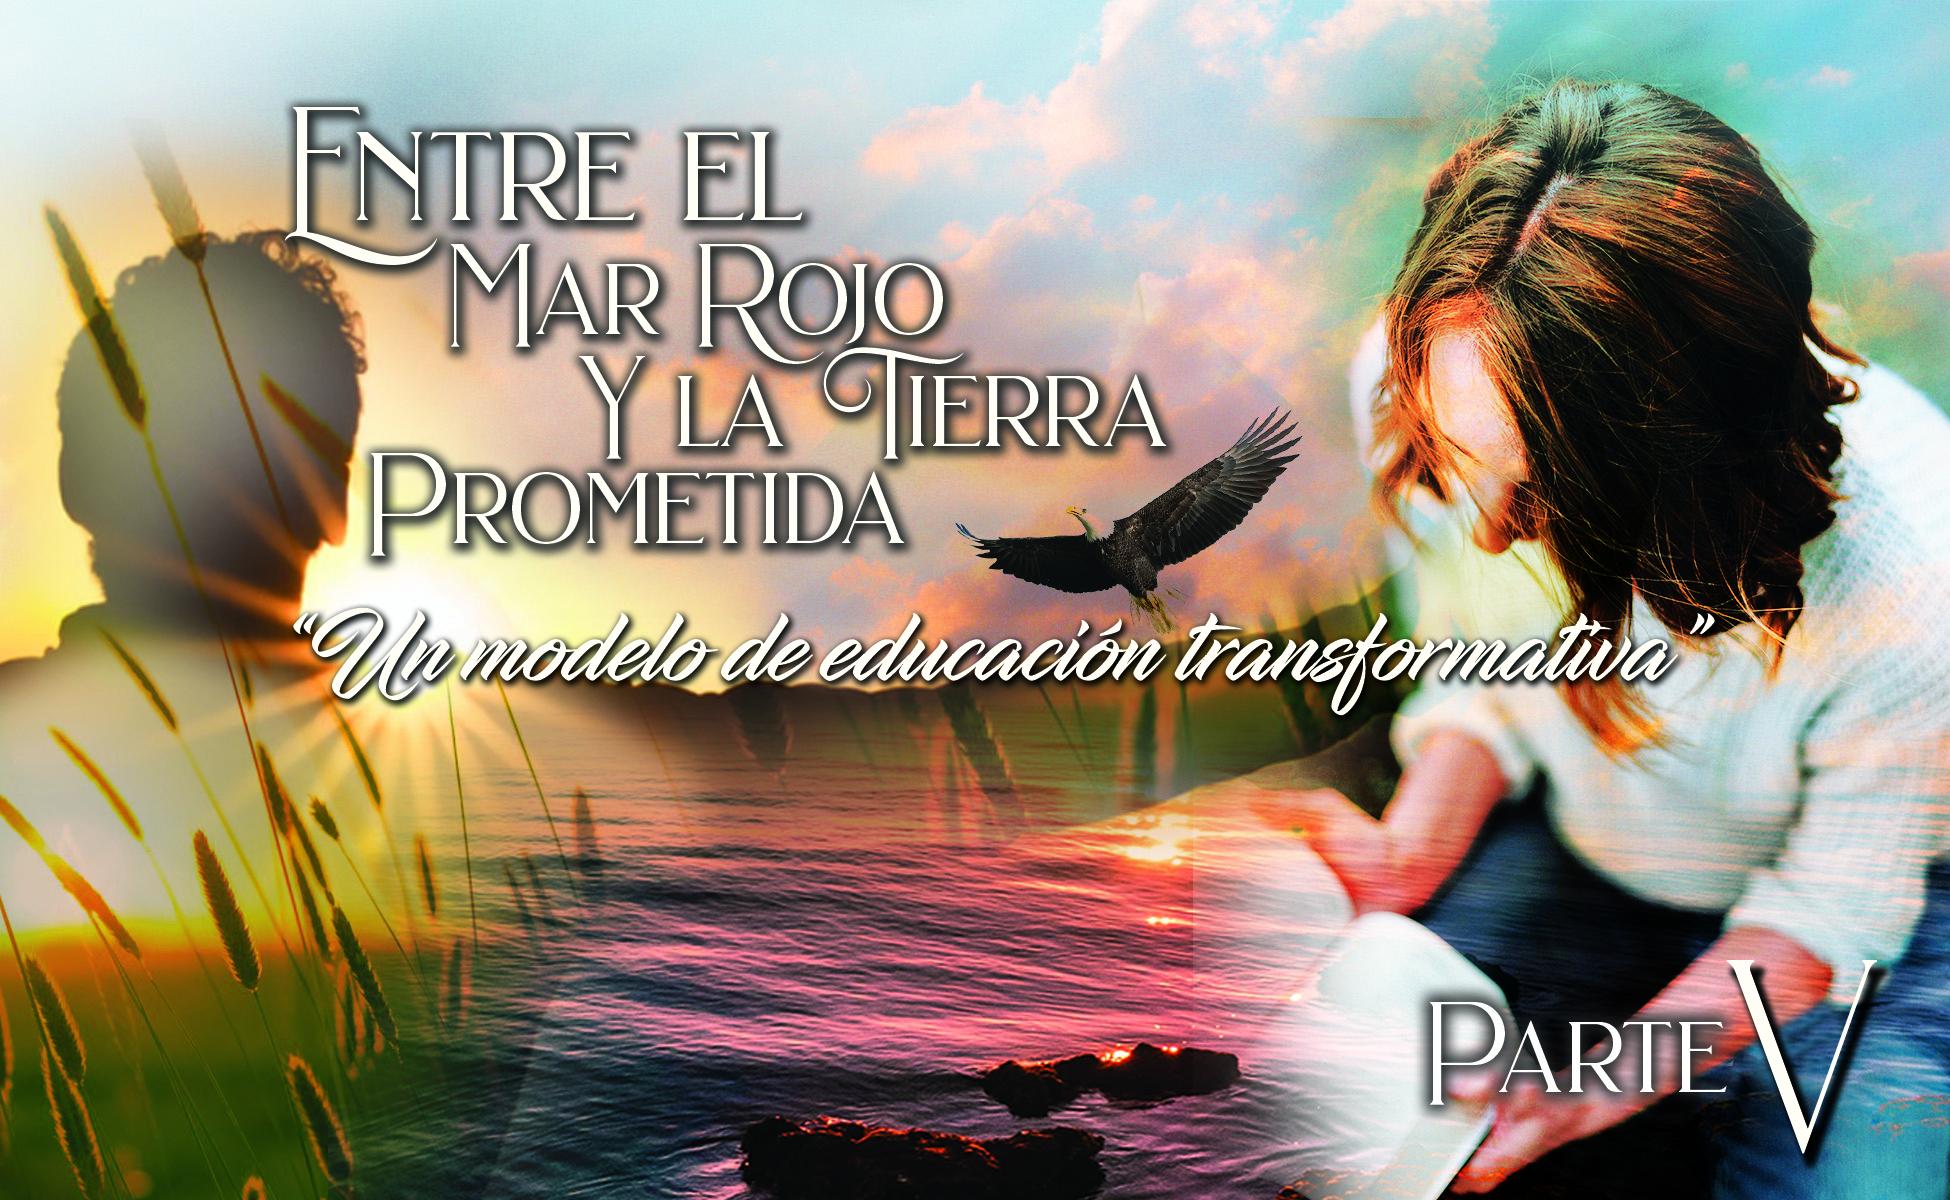 """751 • Entre el Mar Rojo y la Tierra Prometida: """" Un modelo de educación transformativa """" – Parte V • El Heraldo Digital del 5 de julio del 2020 • Volumen XV • 751"""